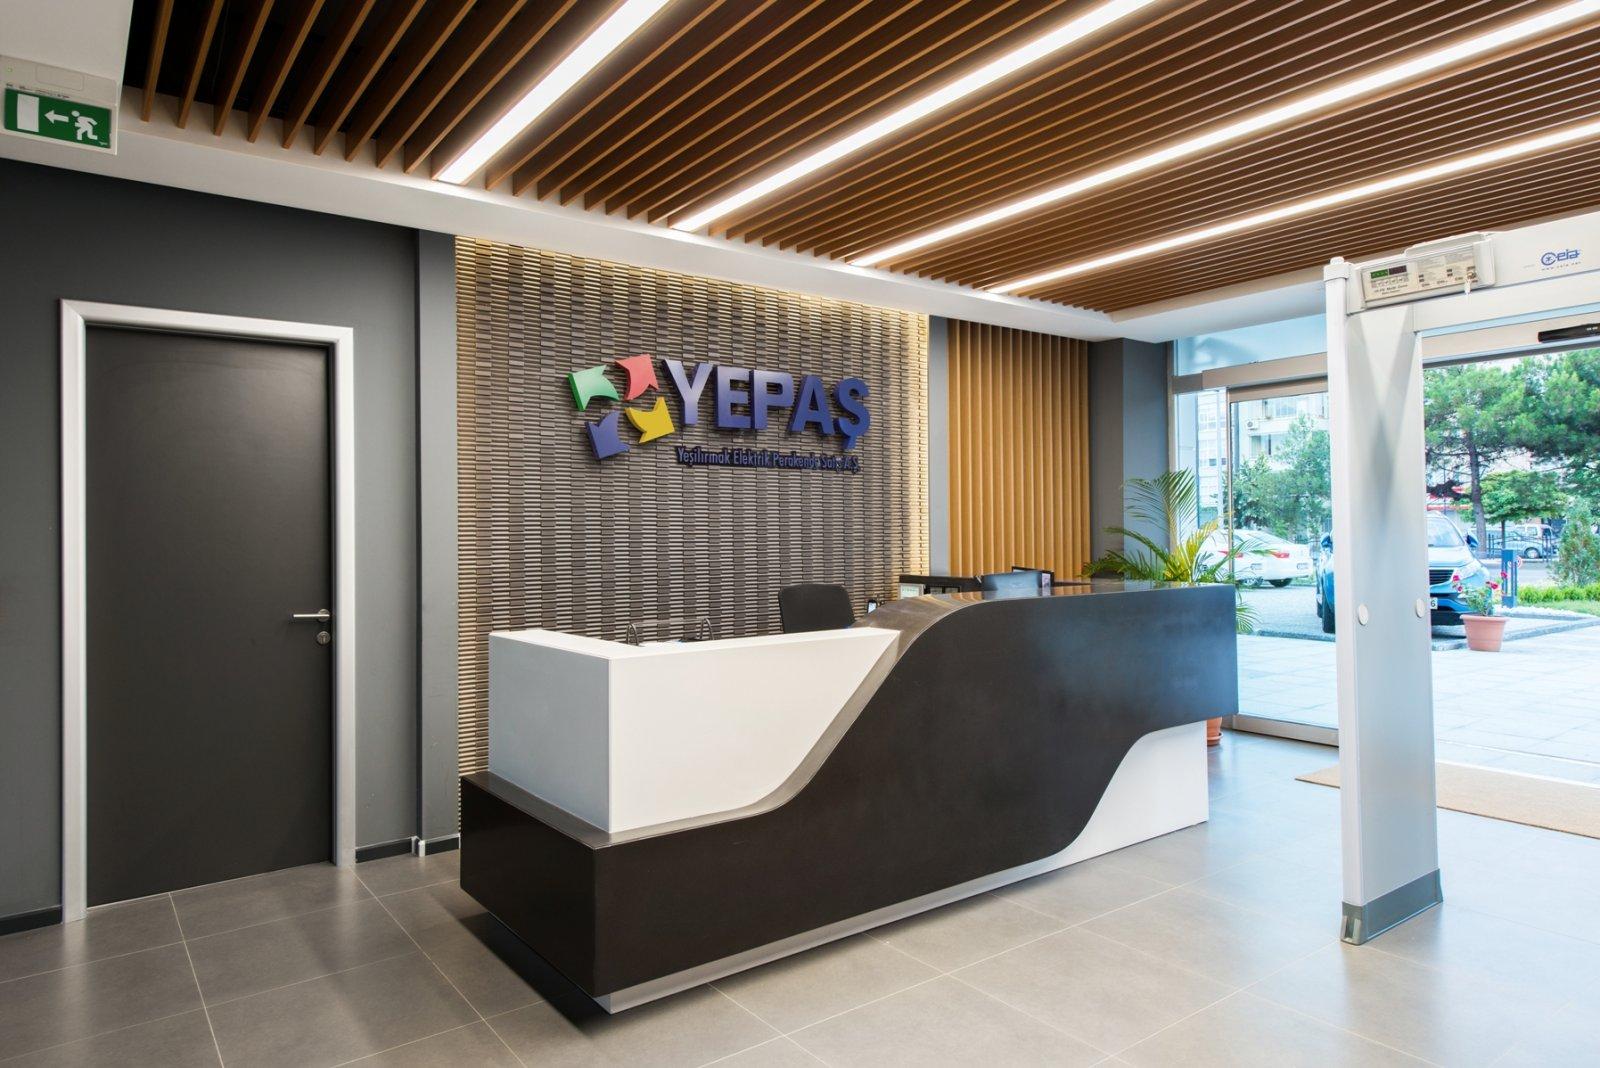 Yepas Headquarters